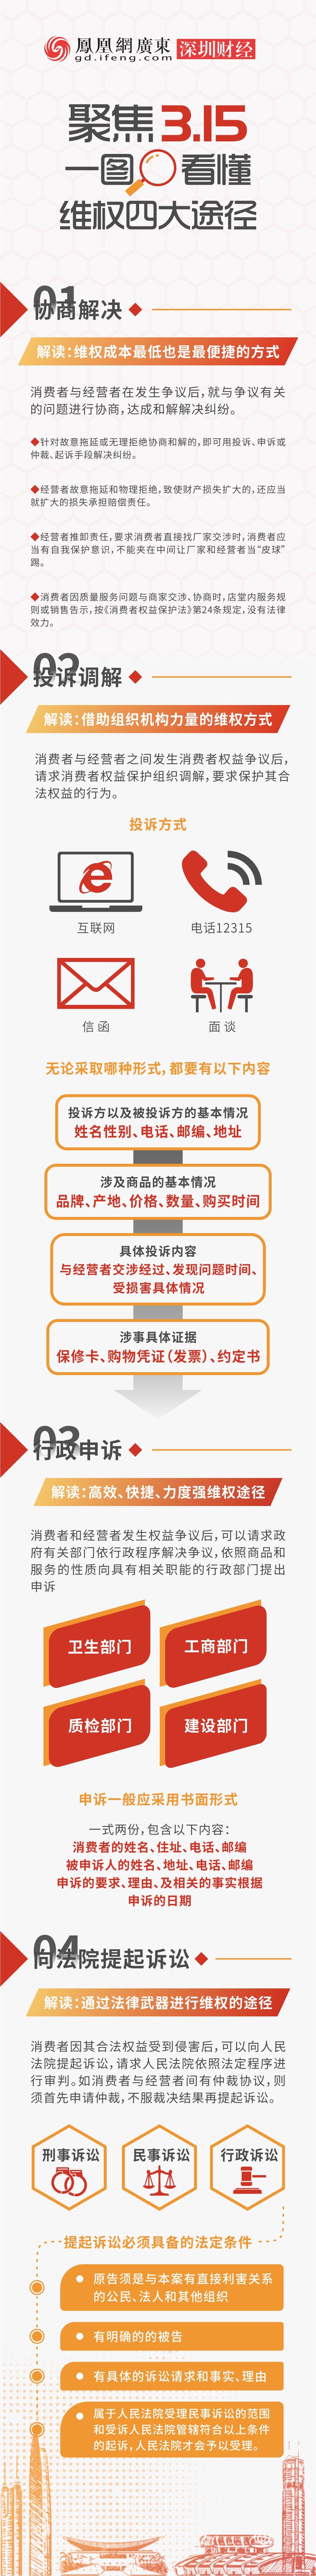 聚焦3.15 一图看懂维权四大途径